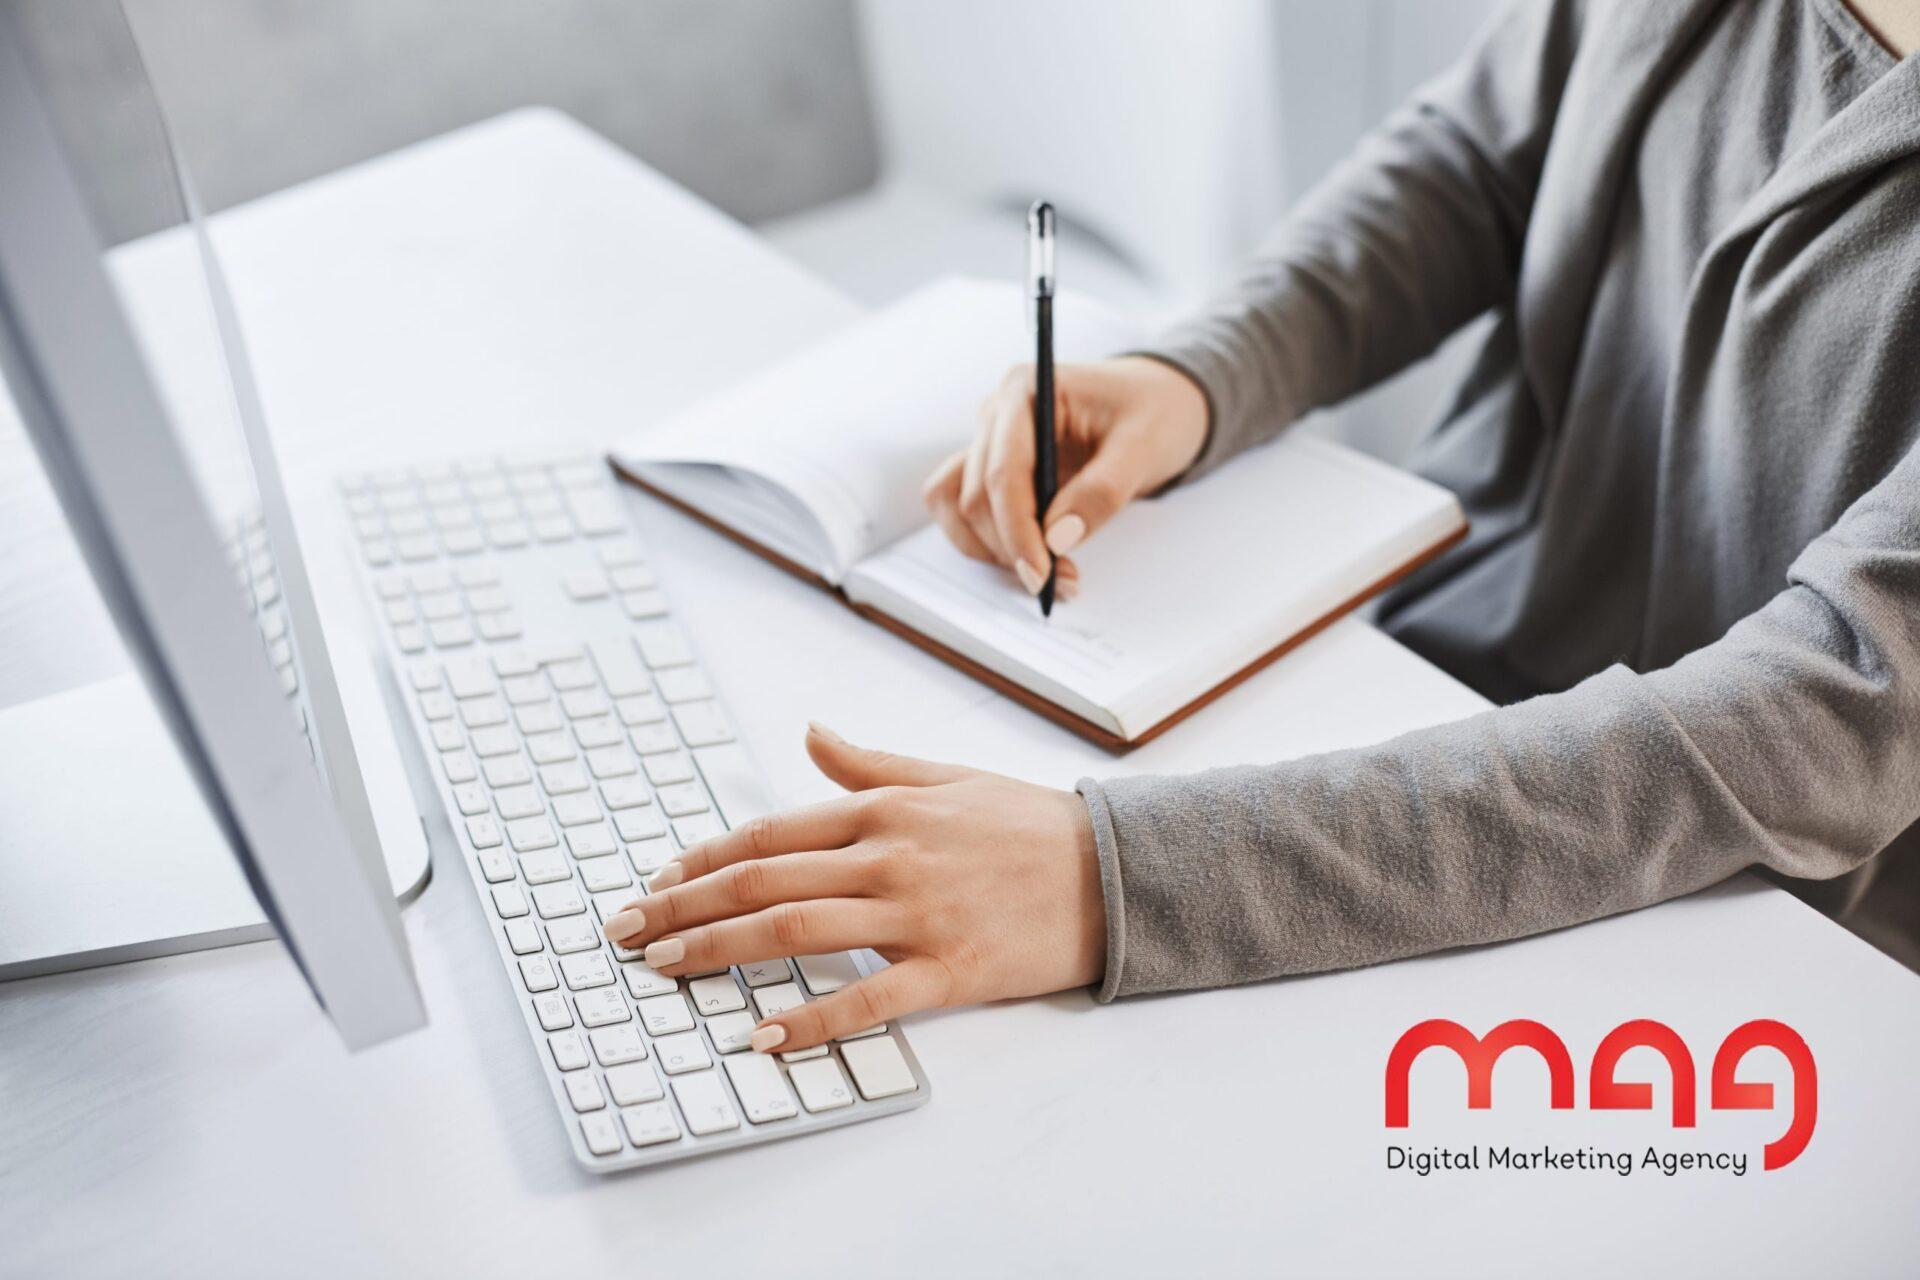 كتابة المحتوى بشكل مثالي: تعرف على مهارات كتابة محتوى